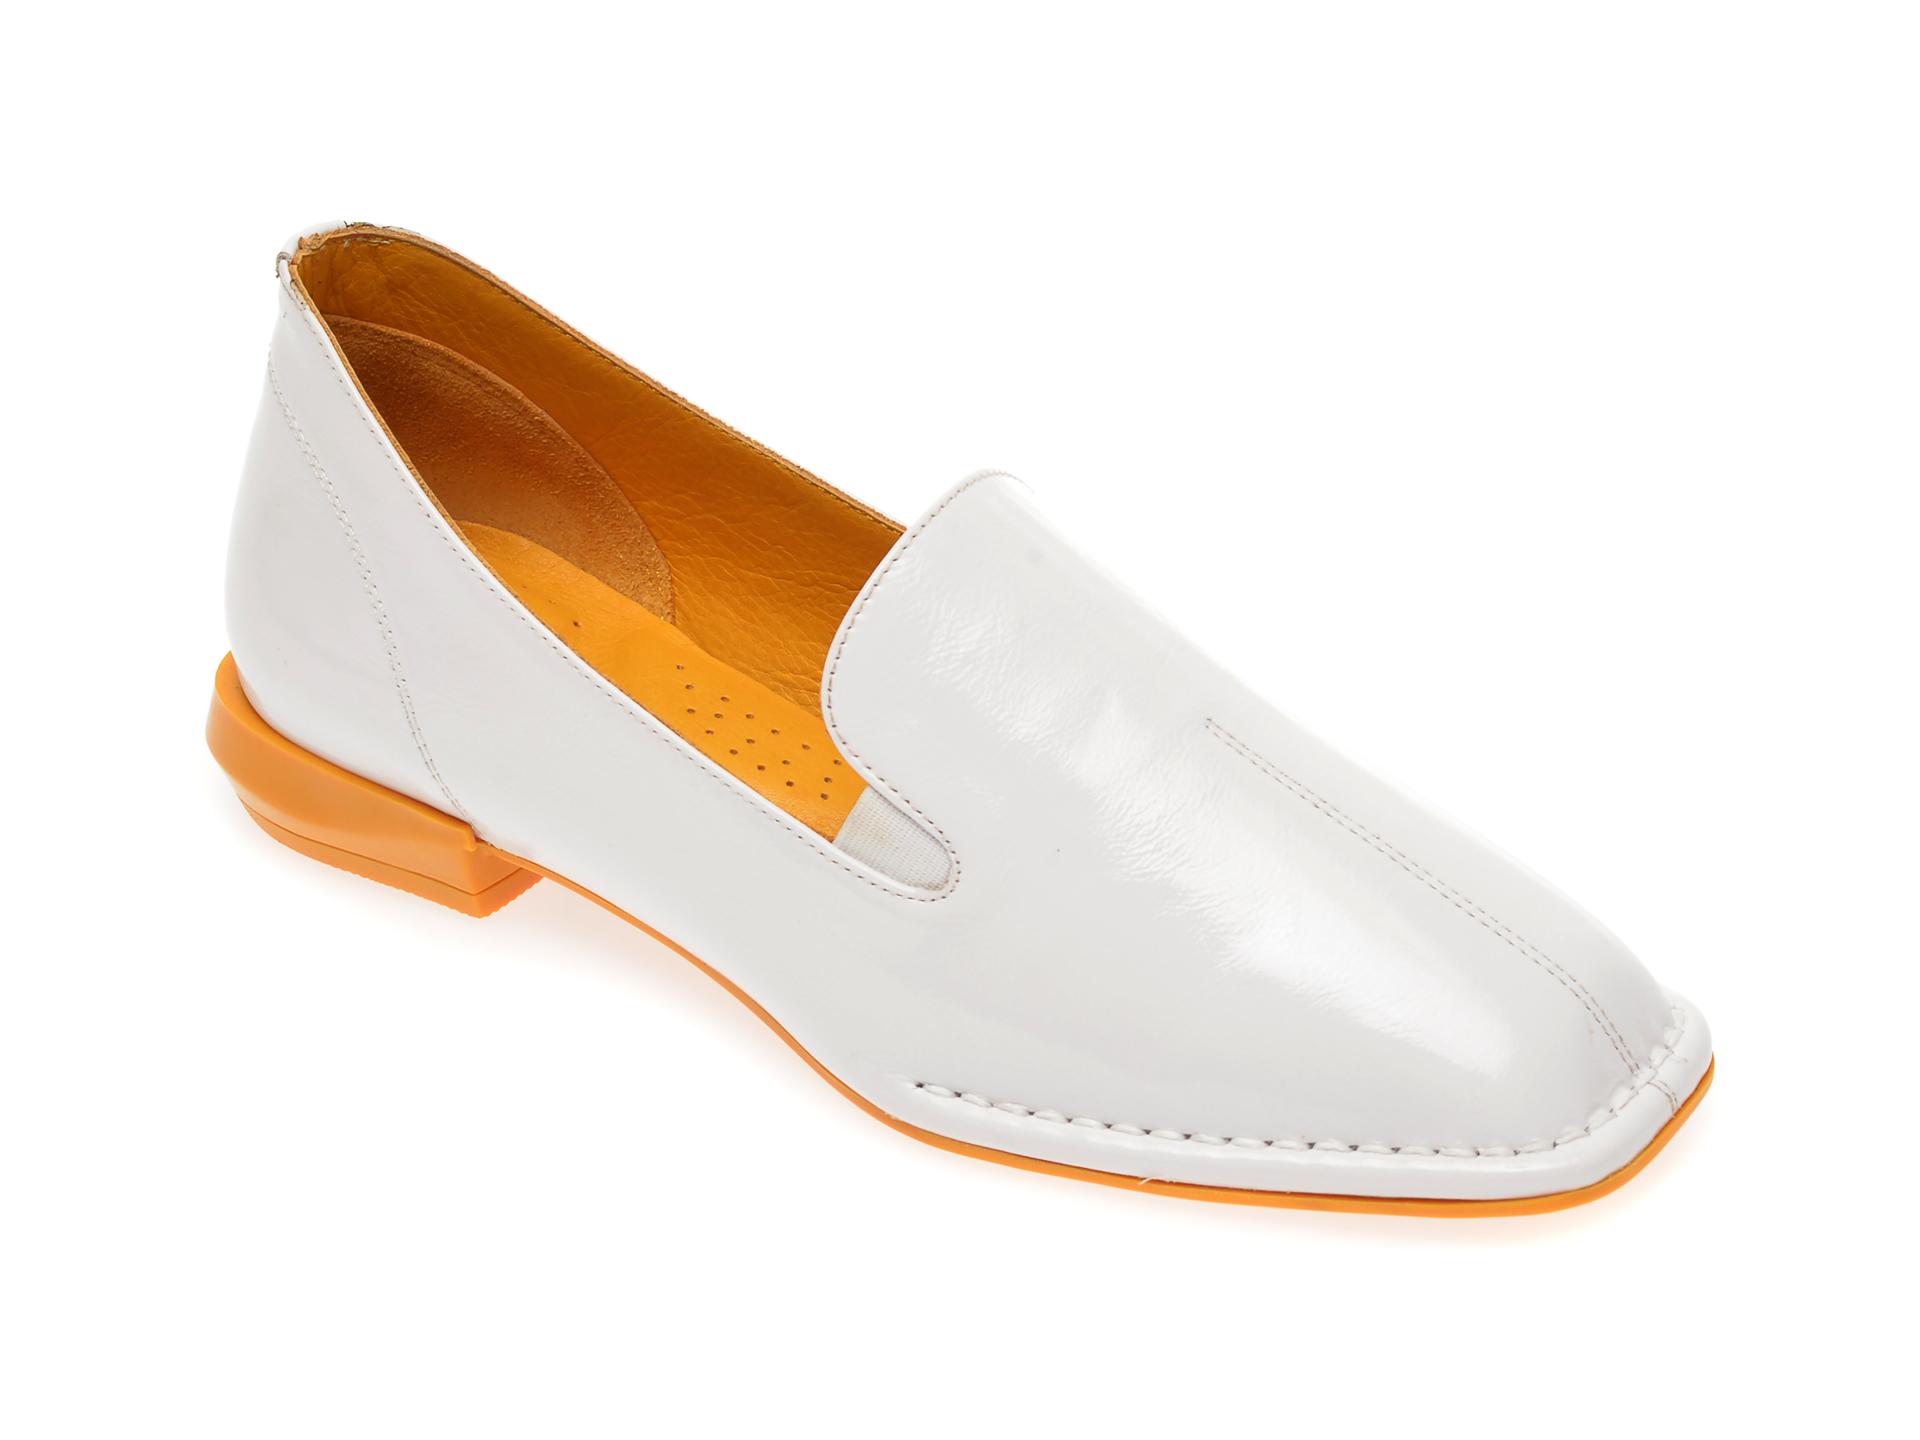 Pantofi FLAVIA PASSINI albi, 0518028, din piele naturala lacuita